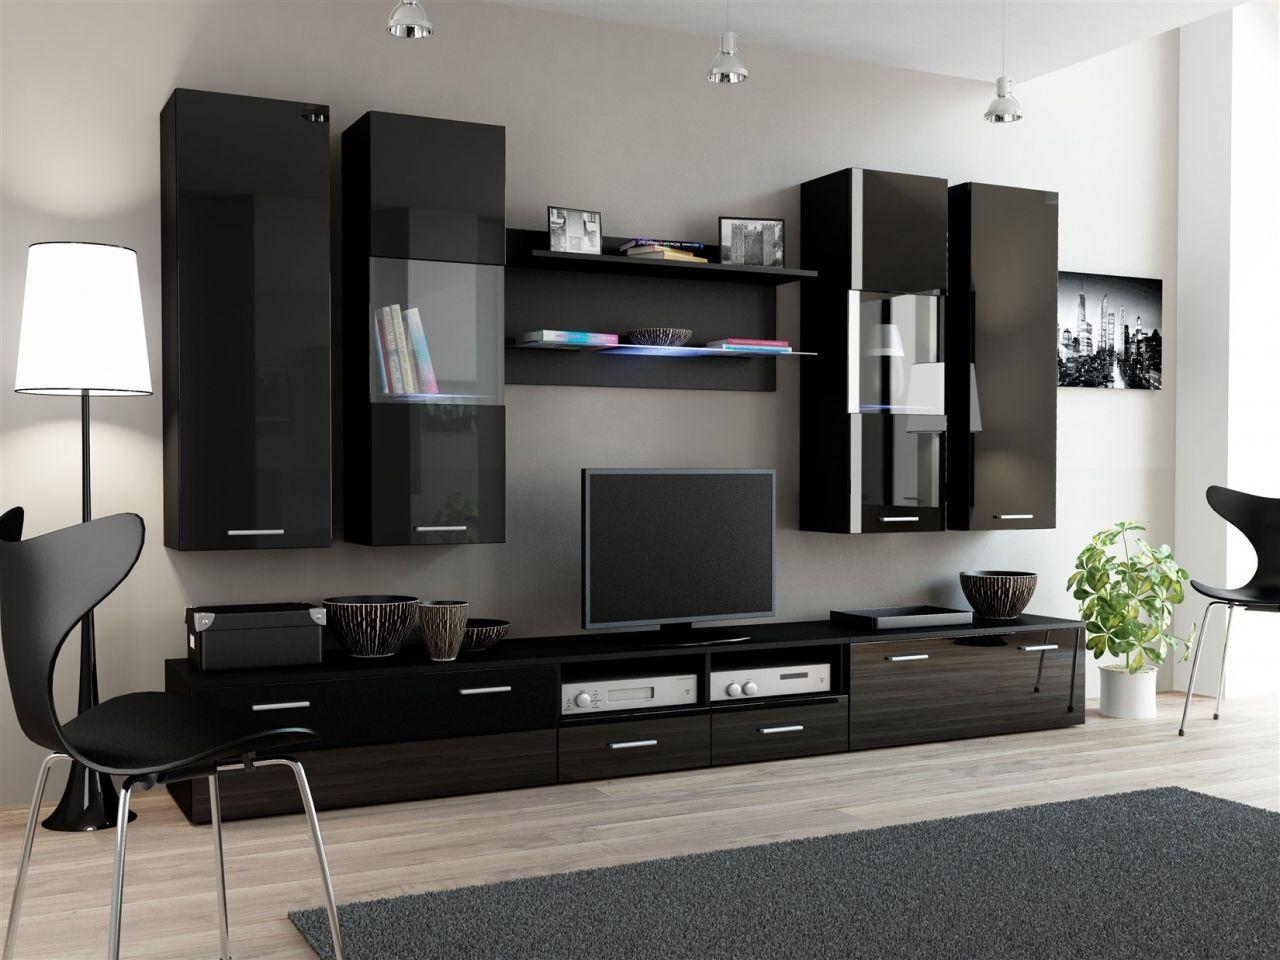 wohnwand schwarz led. Black Bedroom Furniture Sets. Home Design Ideas